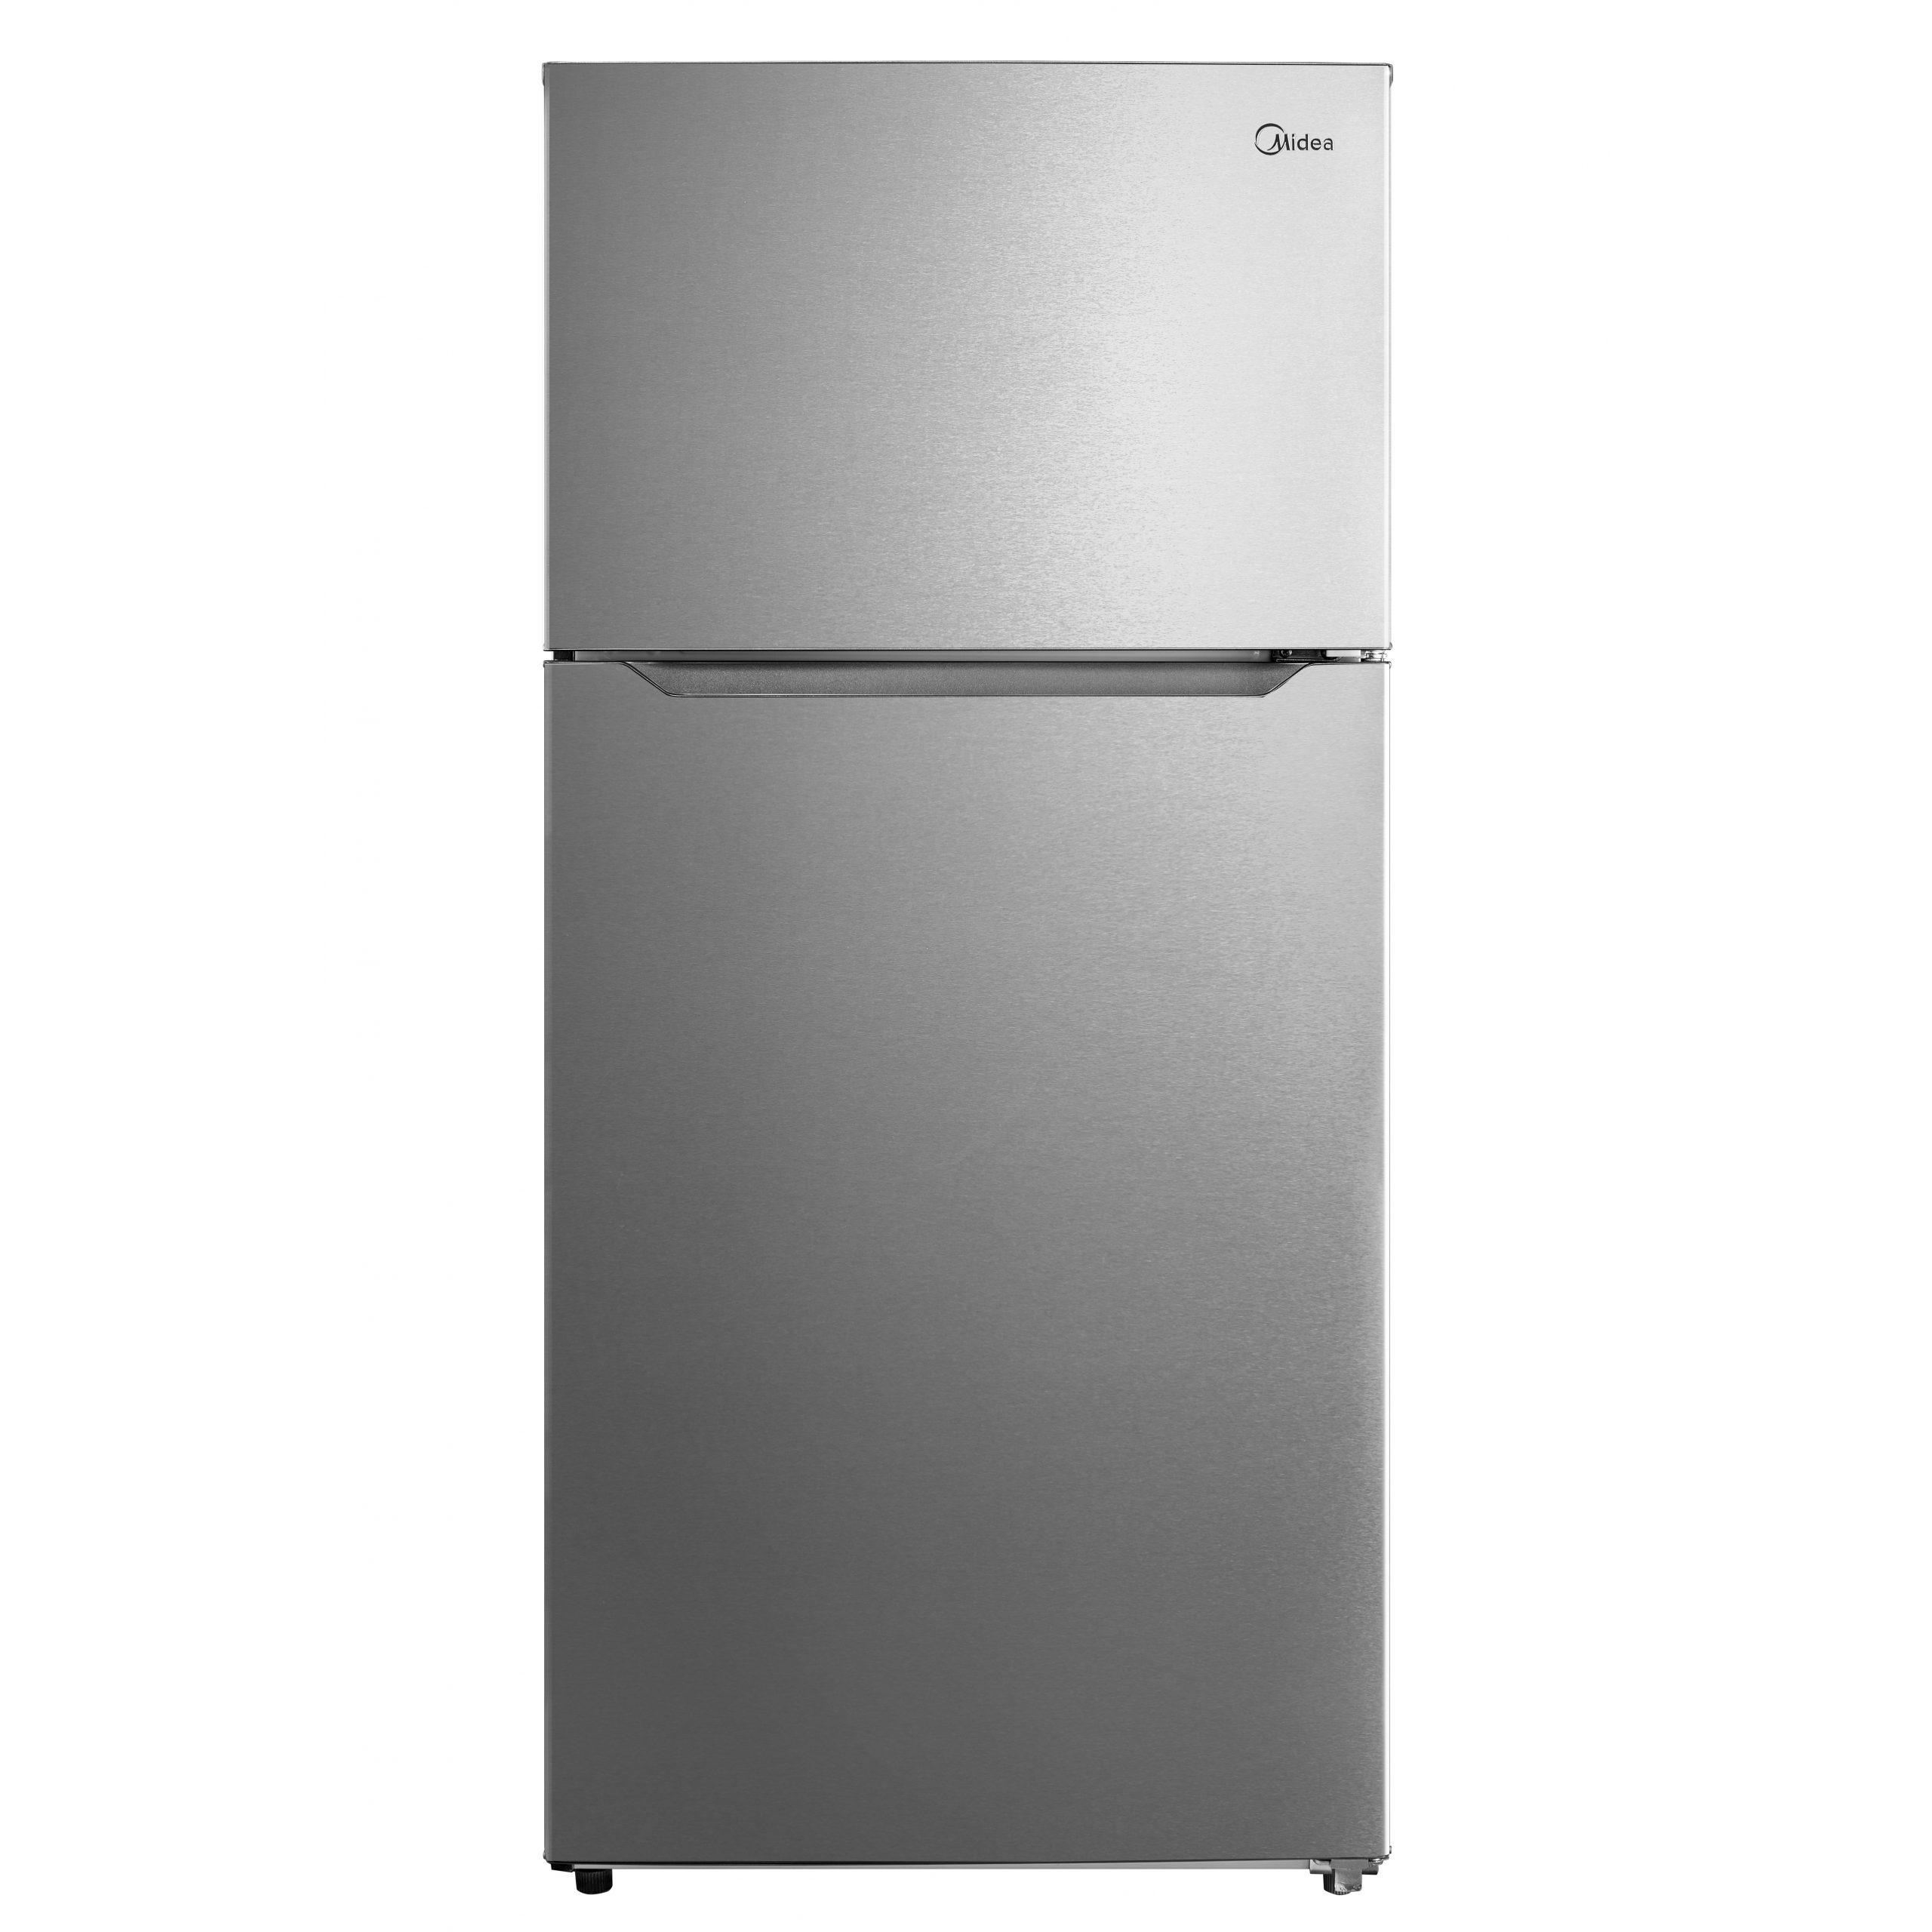 Δίπορτο Ψυγείο Midea MT663A1